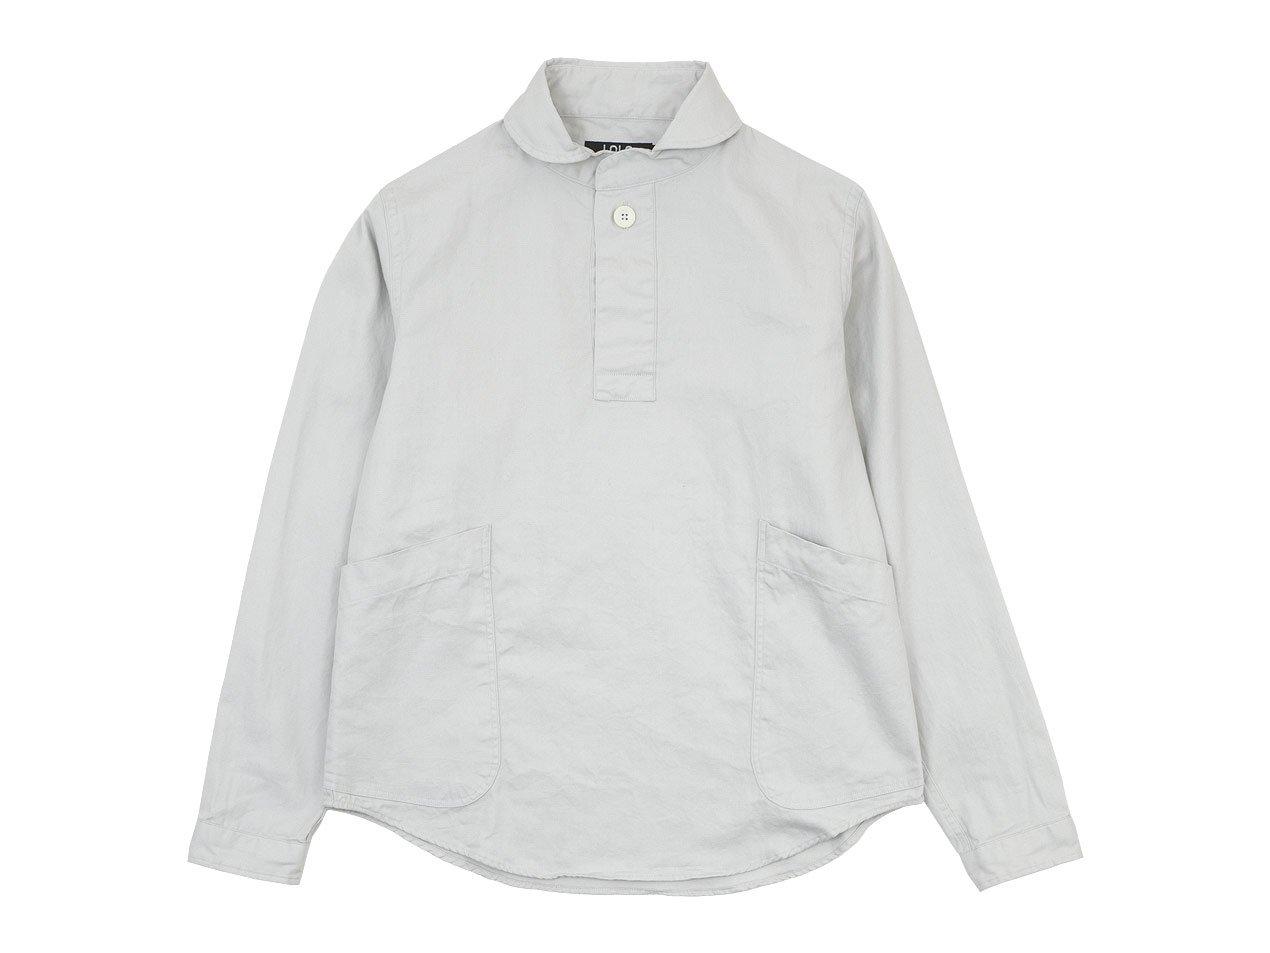 LOLO コットンプルオーバーシャツ LIGHT GRAY